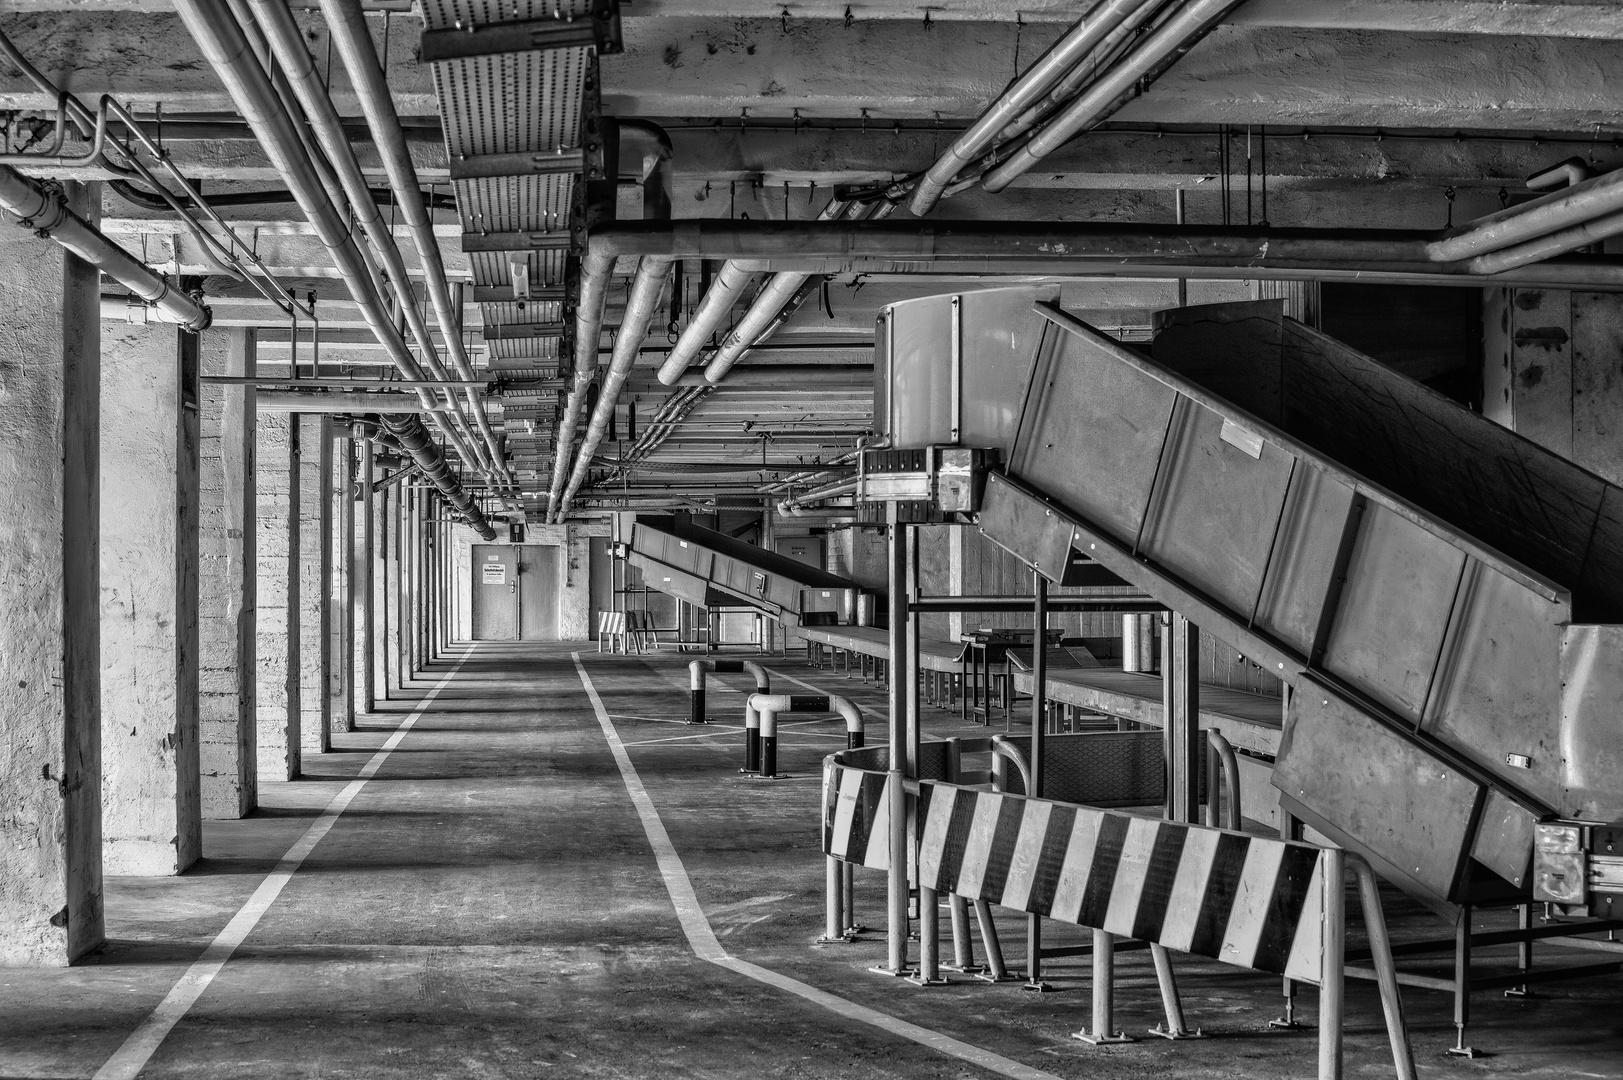 Flughafen Berlin Tempelhof (16)